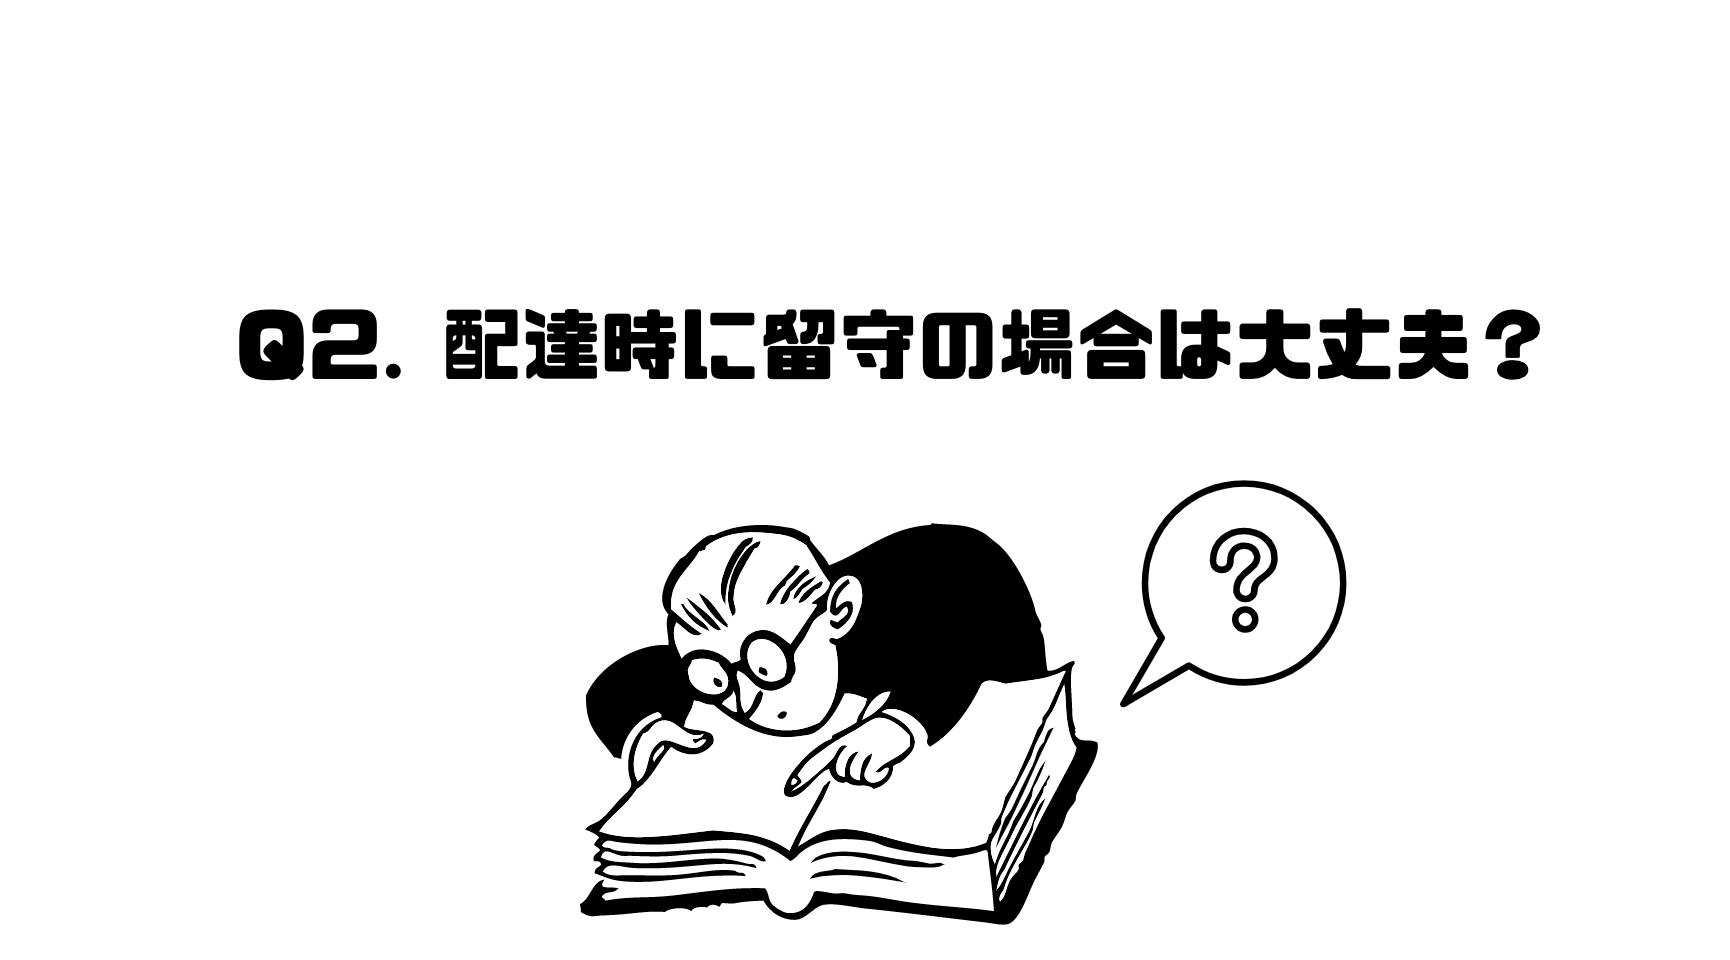 パルシステム_評判_質問_配達_留守